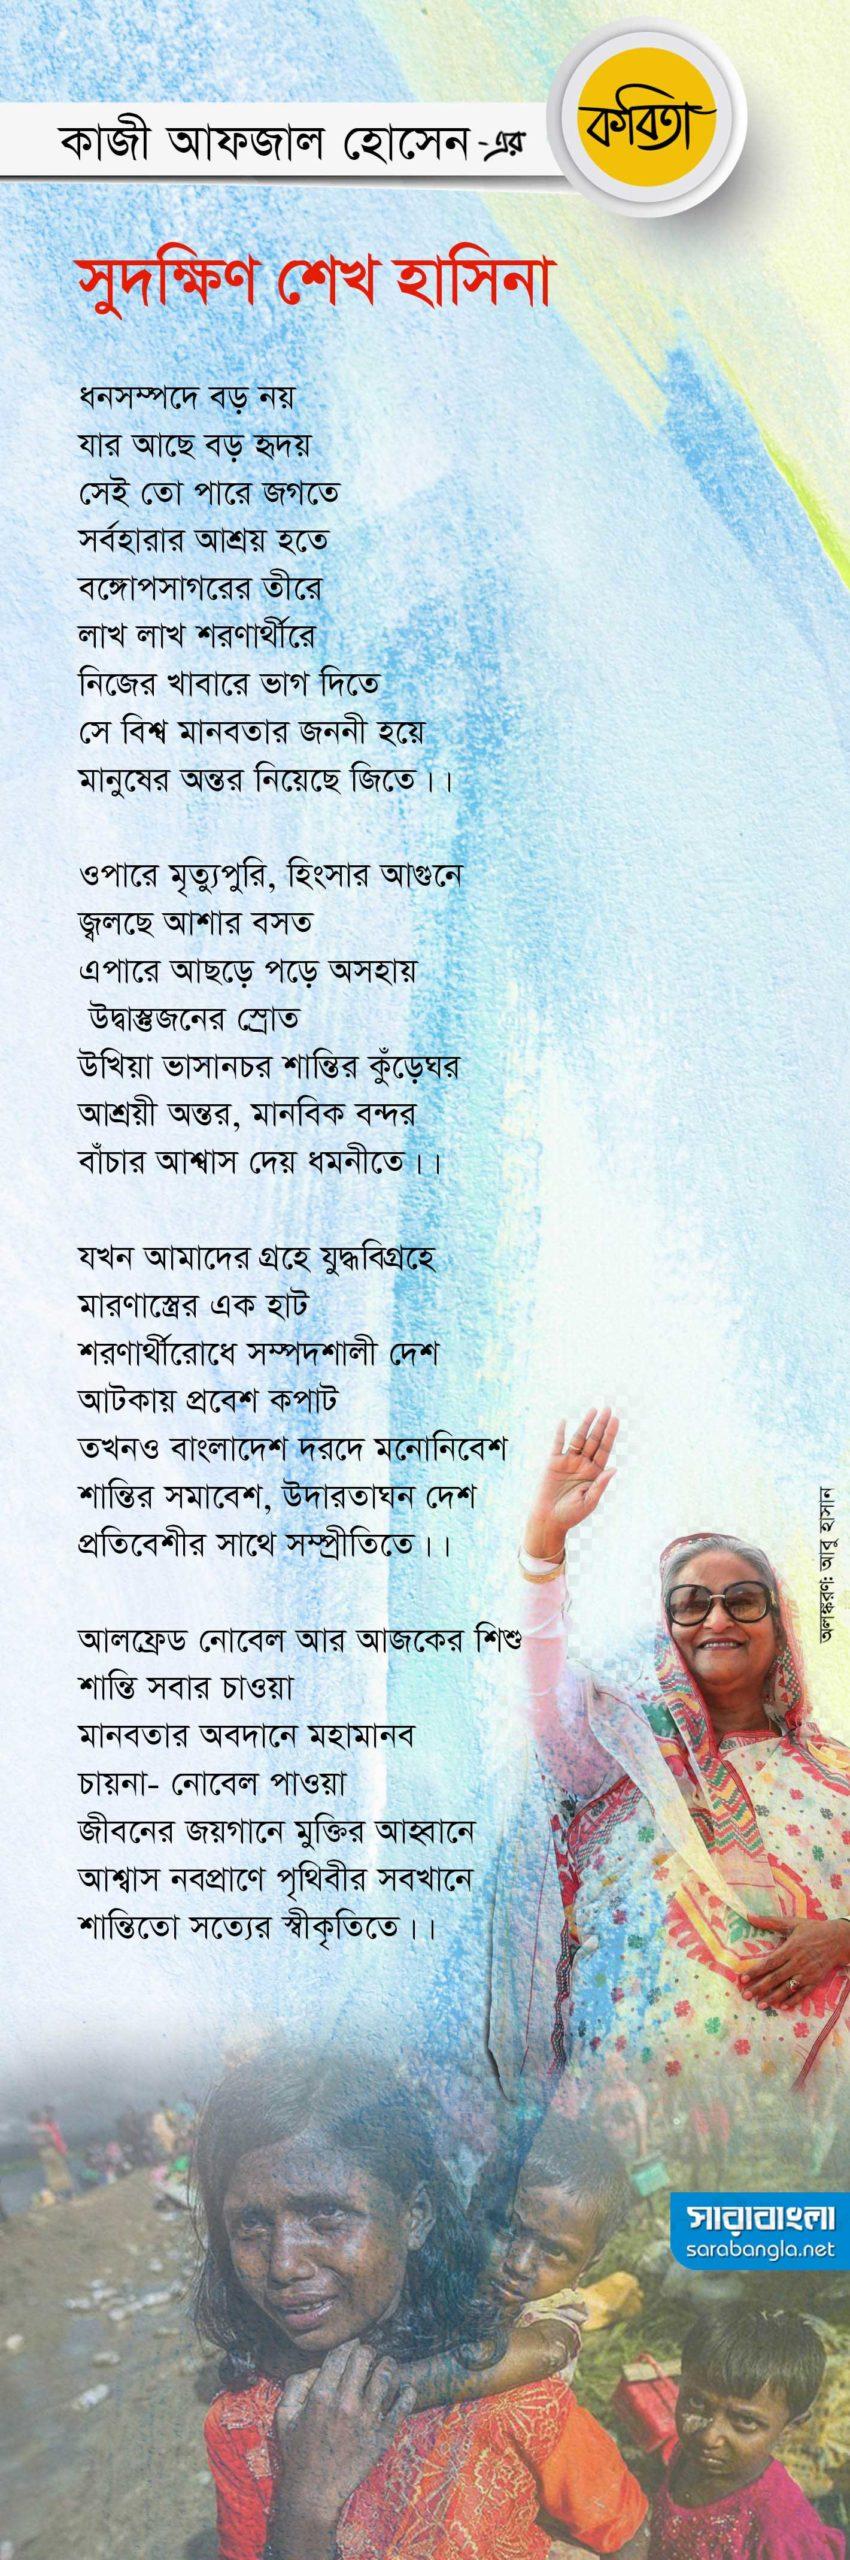 কবিতা: সুদক্ষিণ শেখ হাসিনা